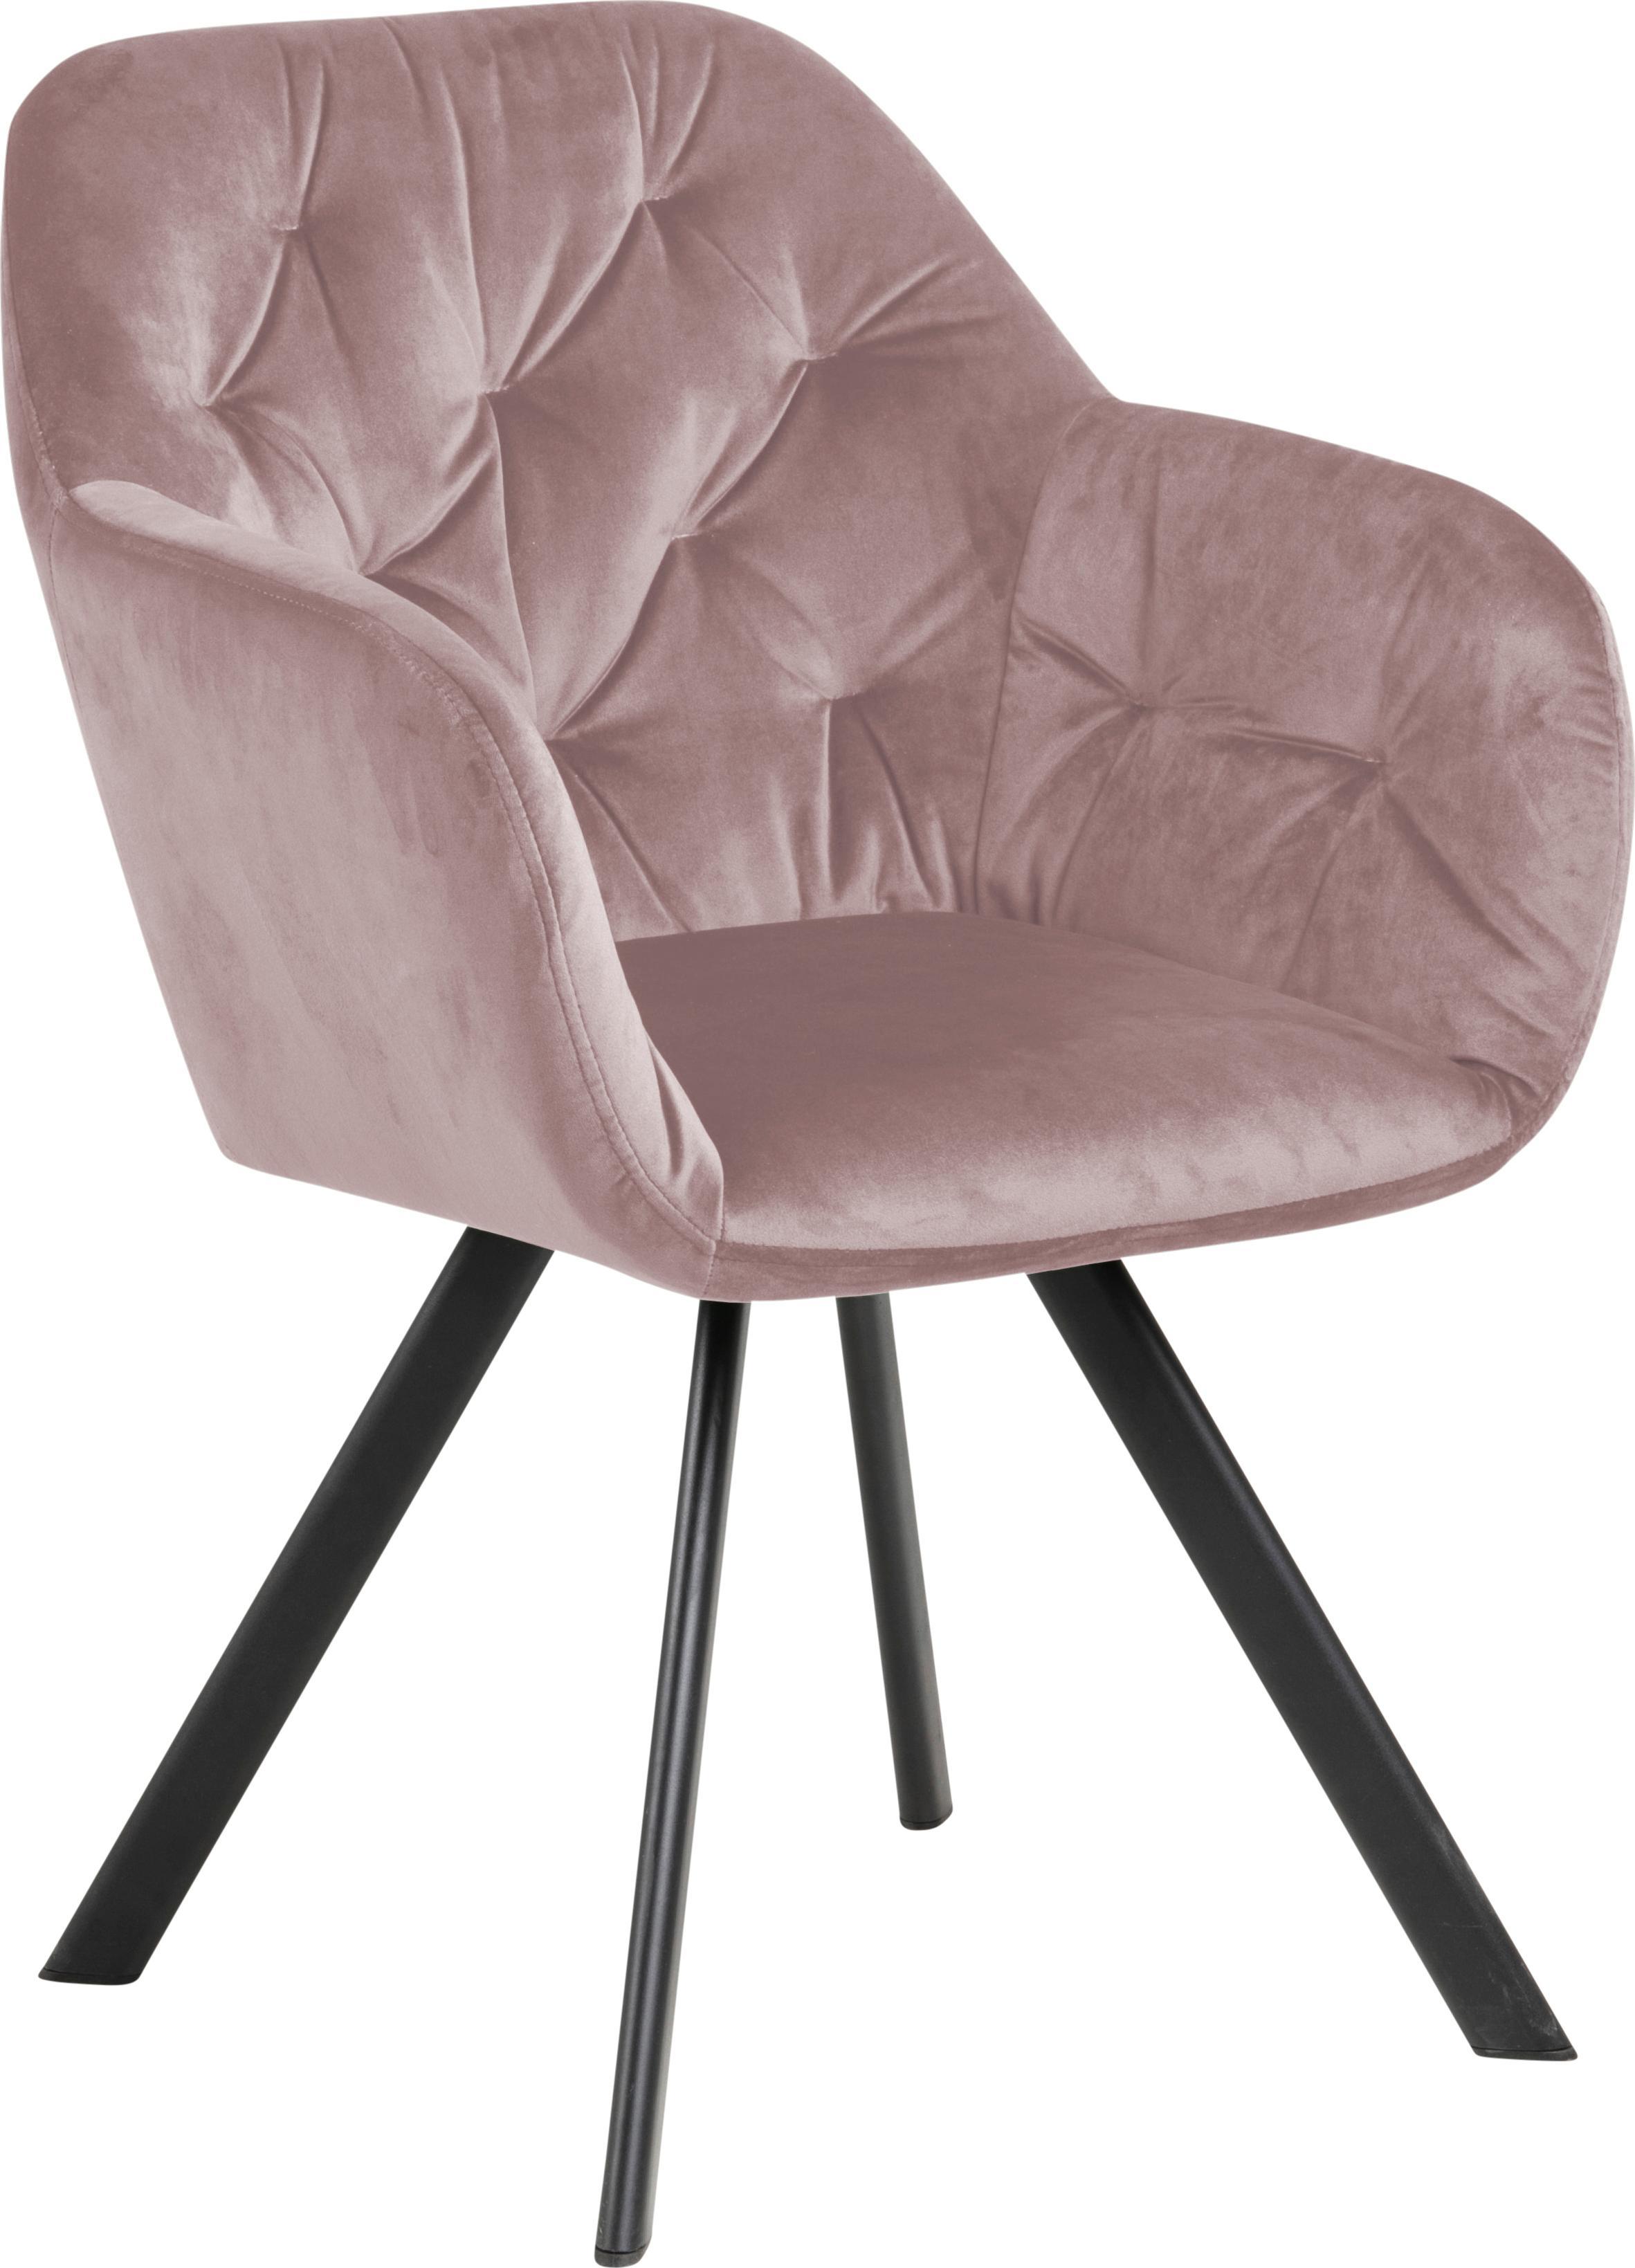 Krzesło z podłokietnikami z aksamitu Lola, Tapicerka: aksamit poliestrowy 2500, Nogi: metal malowany proszkowo, Aksamitny brudny różowy, S 58 x G 62 cm